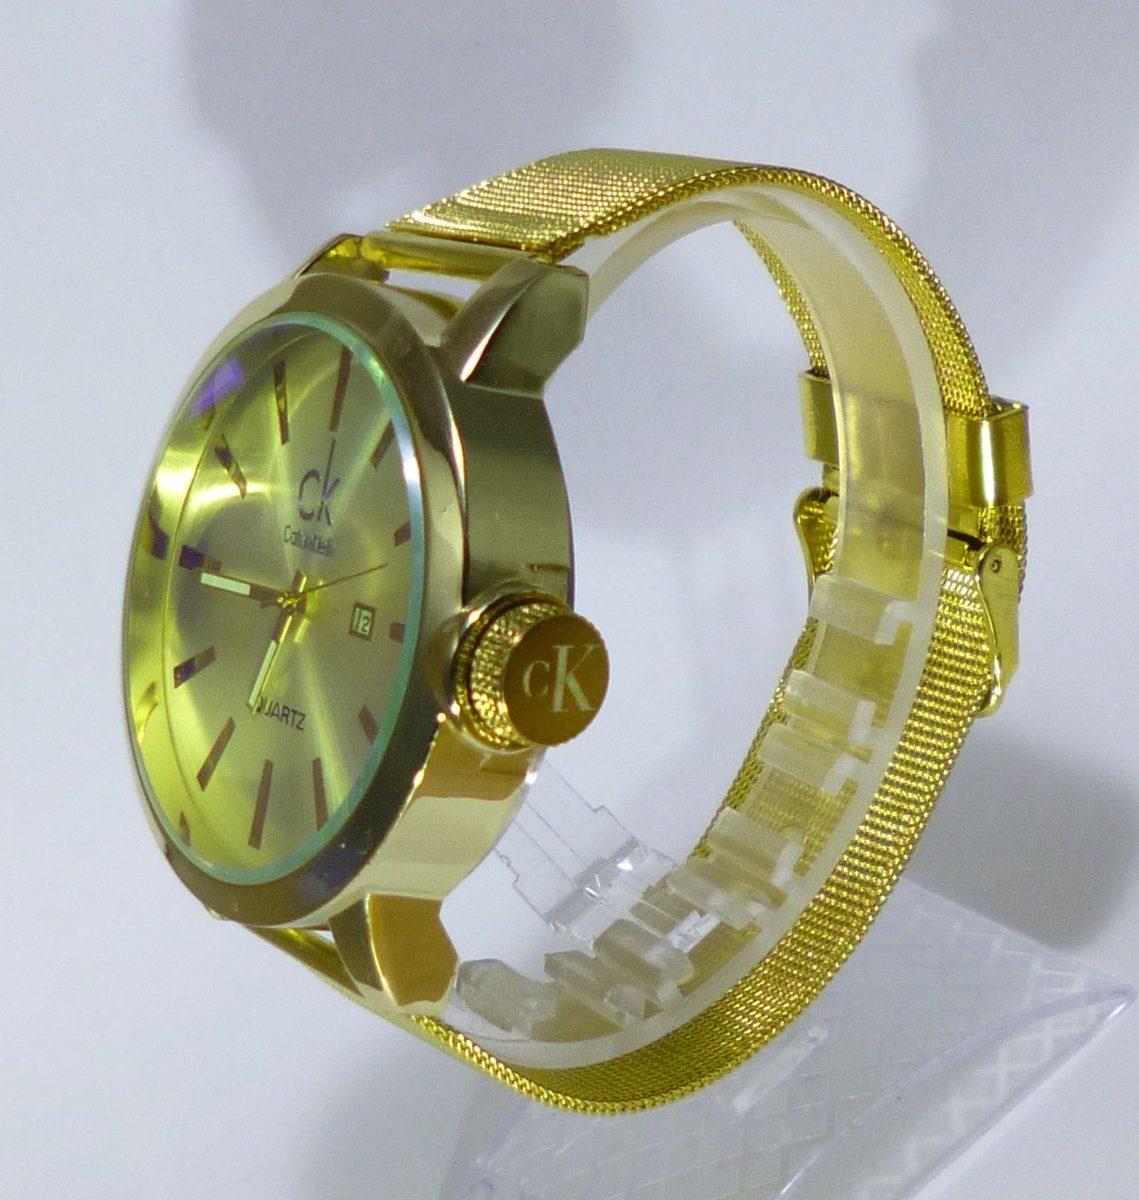 Excelente Hombre Dorado Reloj Klein Ck Regalo Calvin VUpSzM